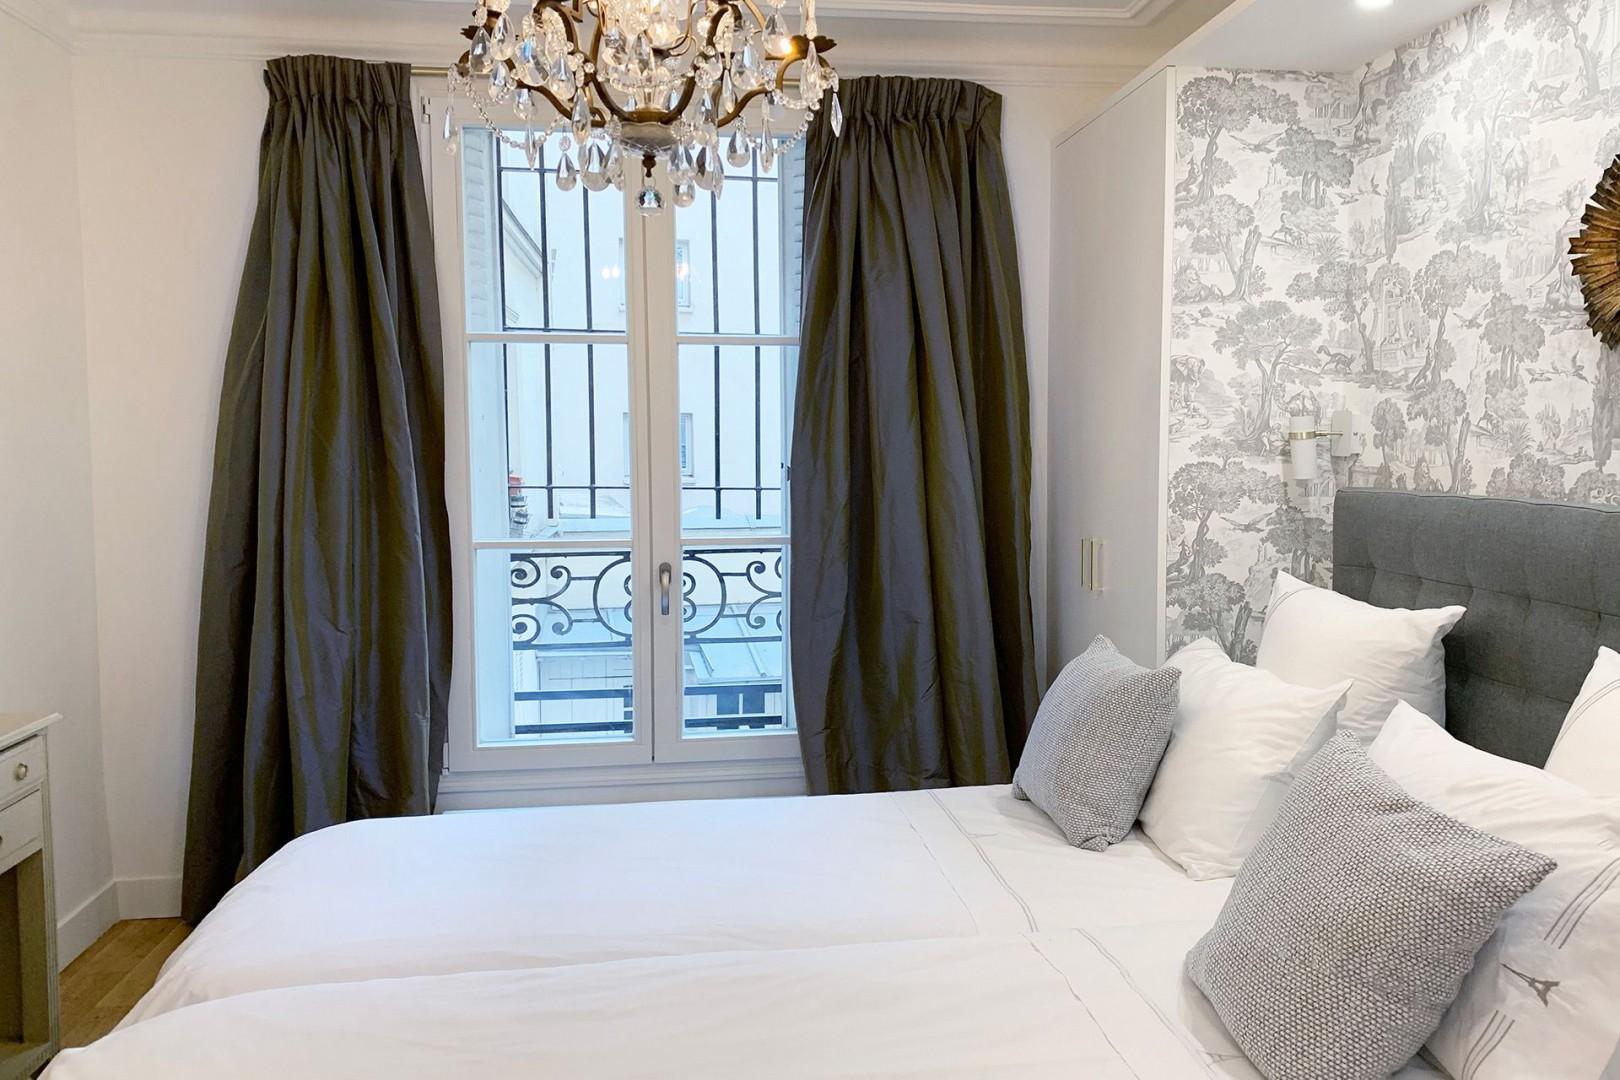 A good night's sleep is guaranteed in charming bedroom 2.